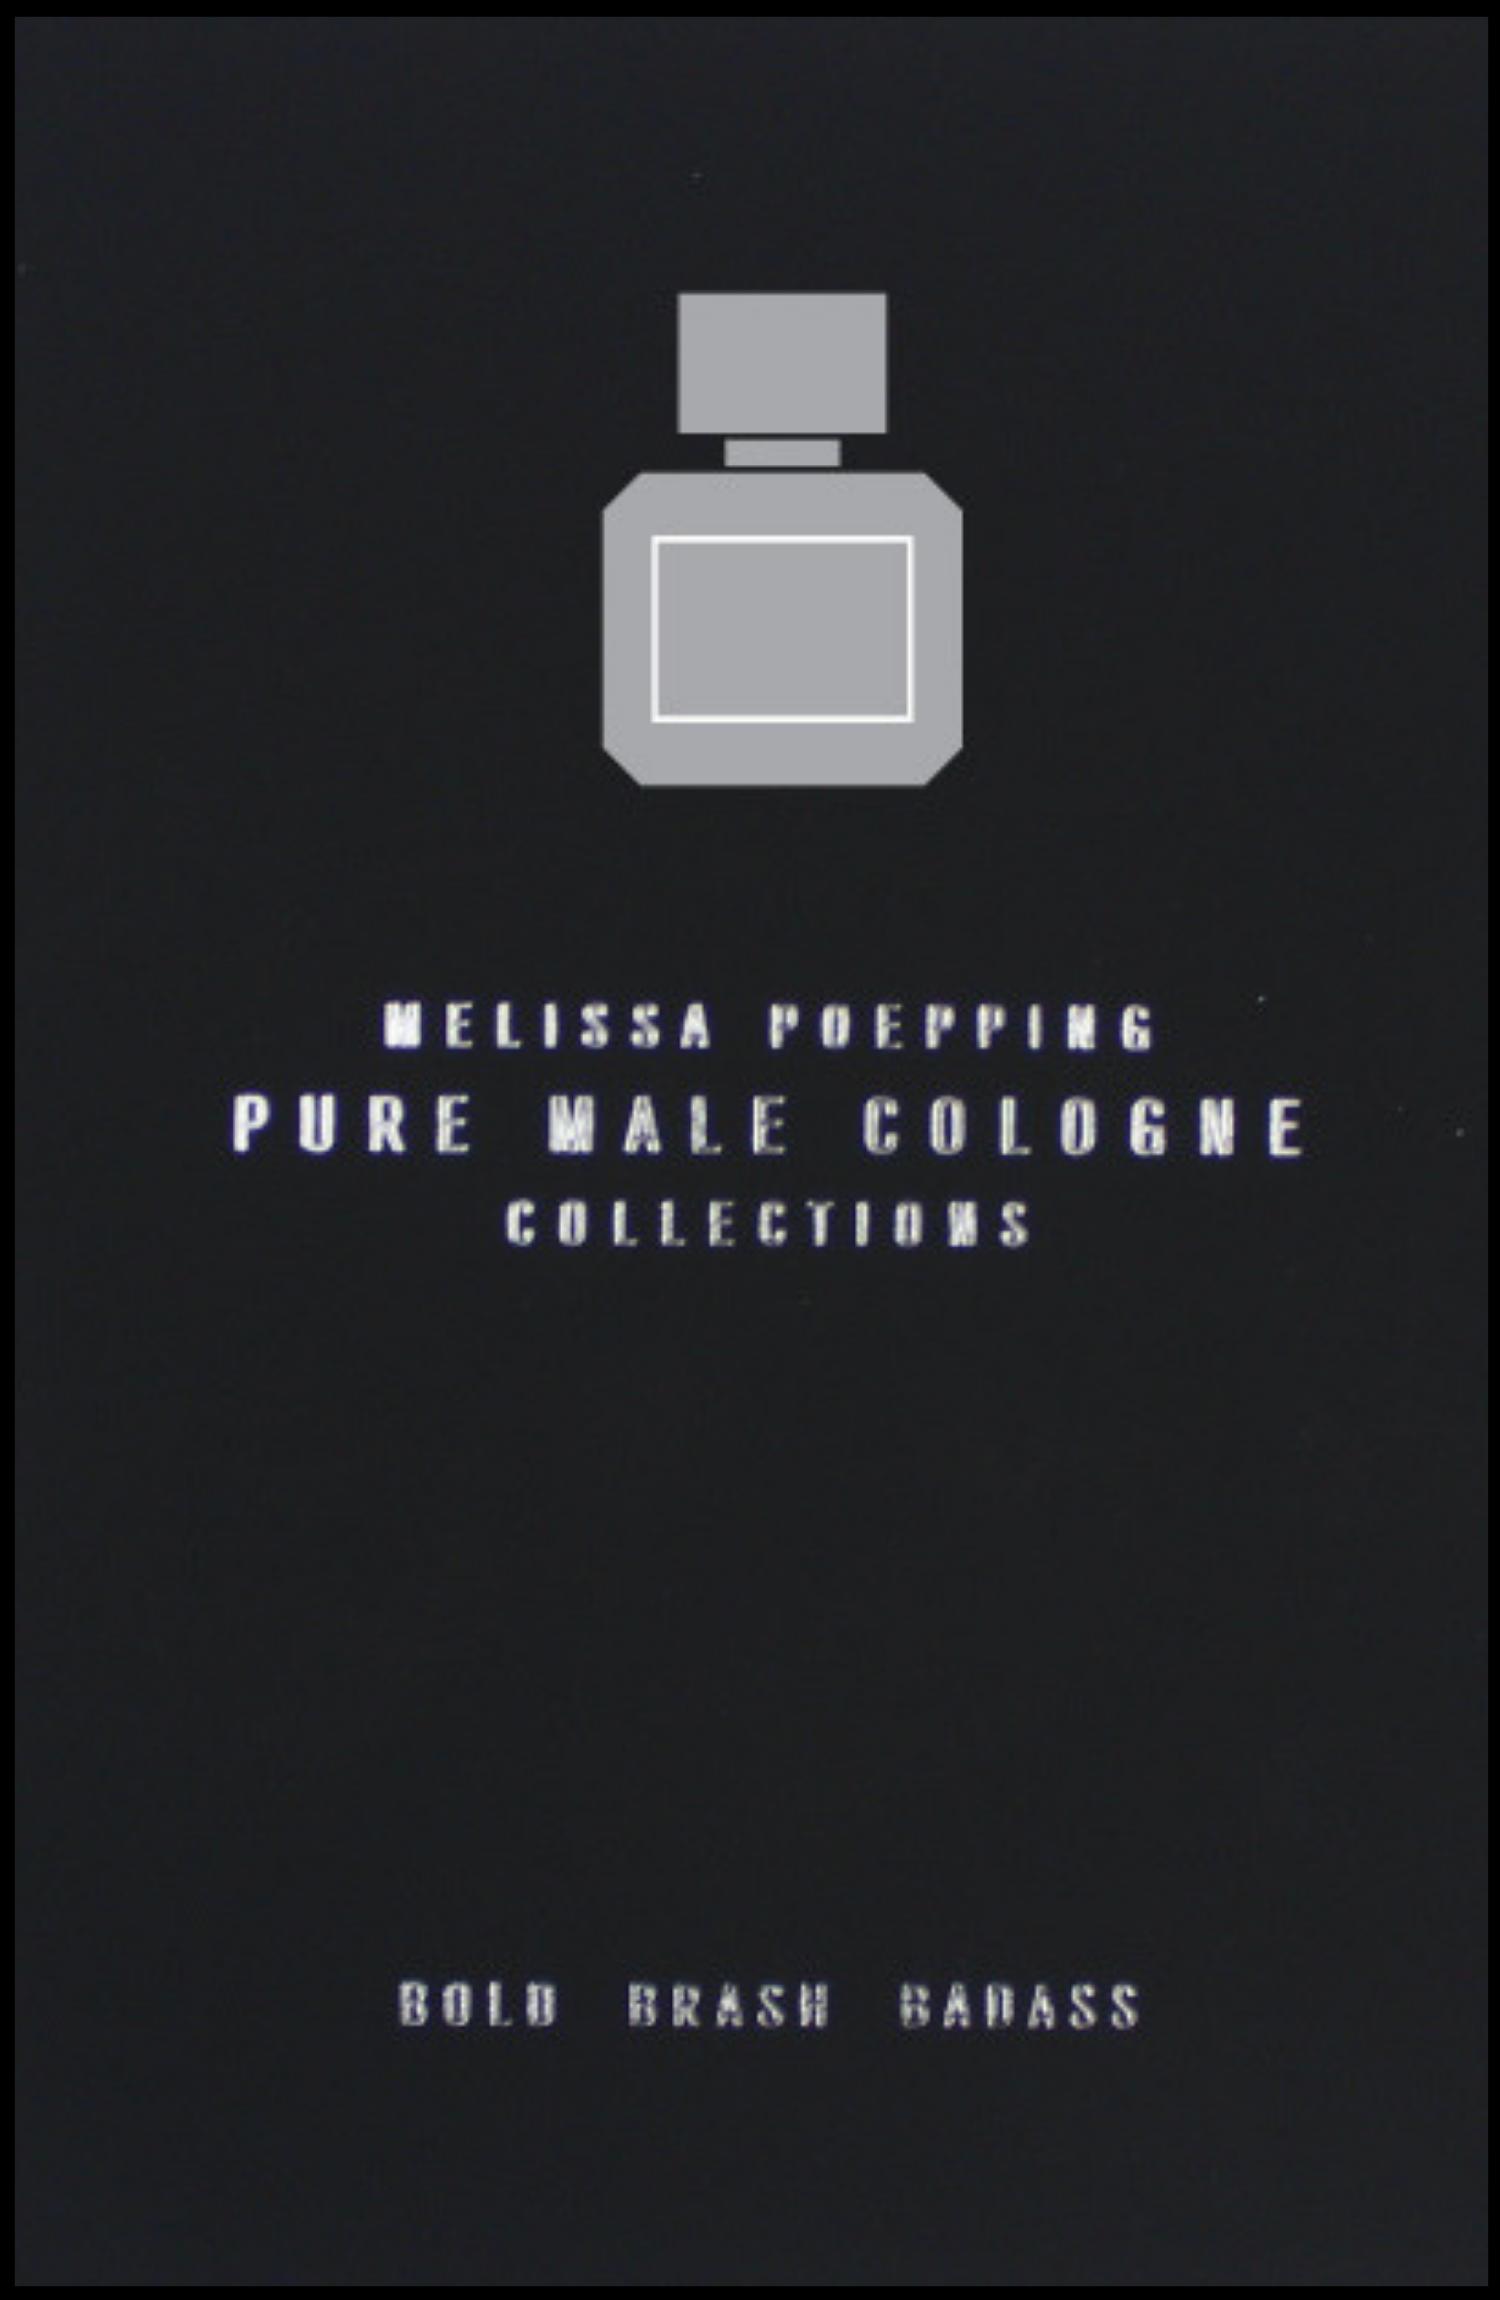 Pure Male Cologne